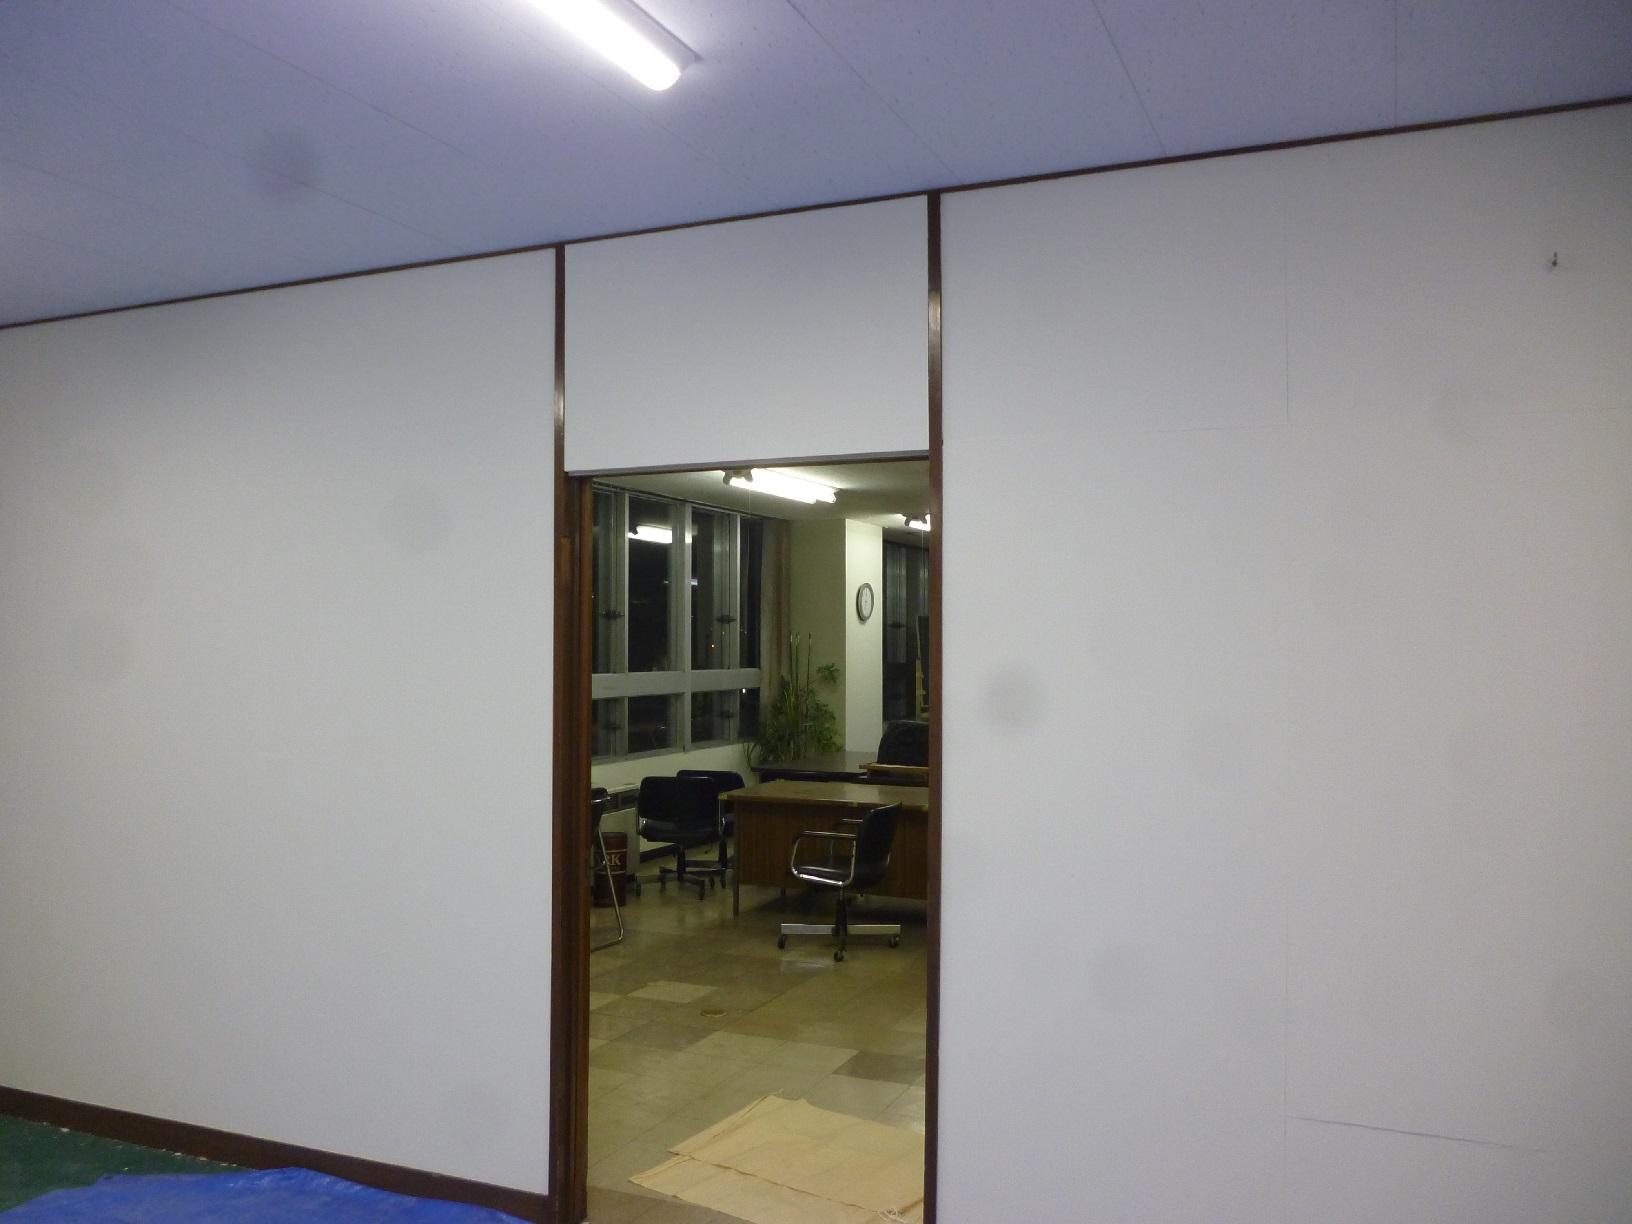 丸中青果 会議室  壁 仕上げ17